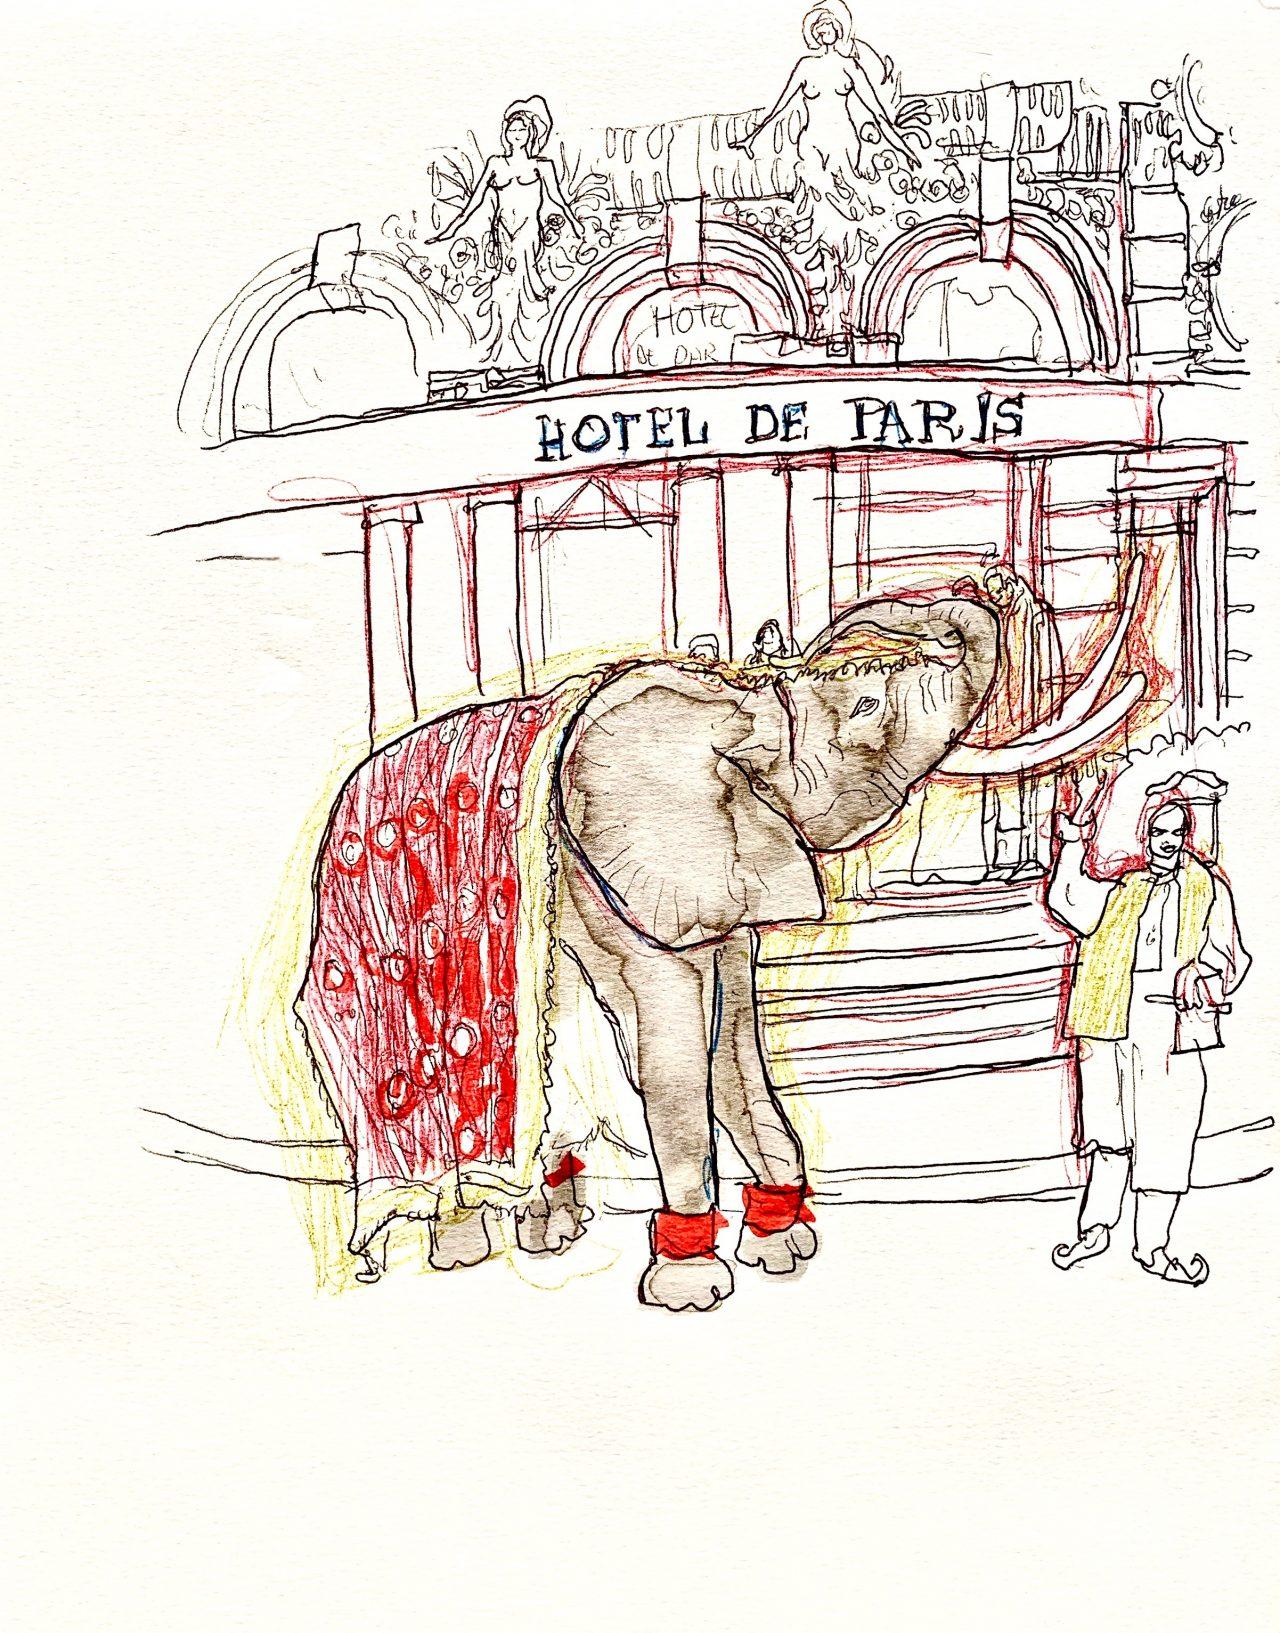 3 Monaco, mariage indien, encre sur papier, 24x31cm,2011